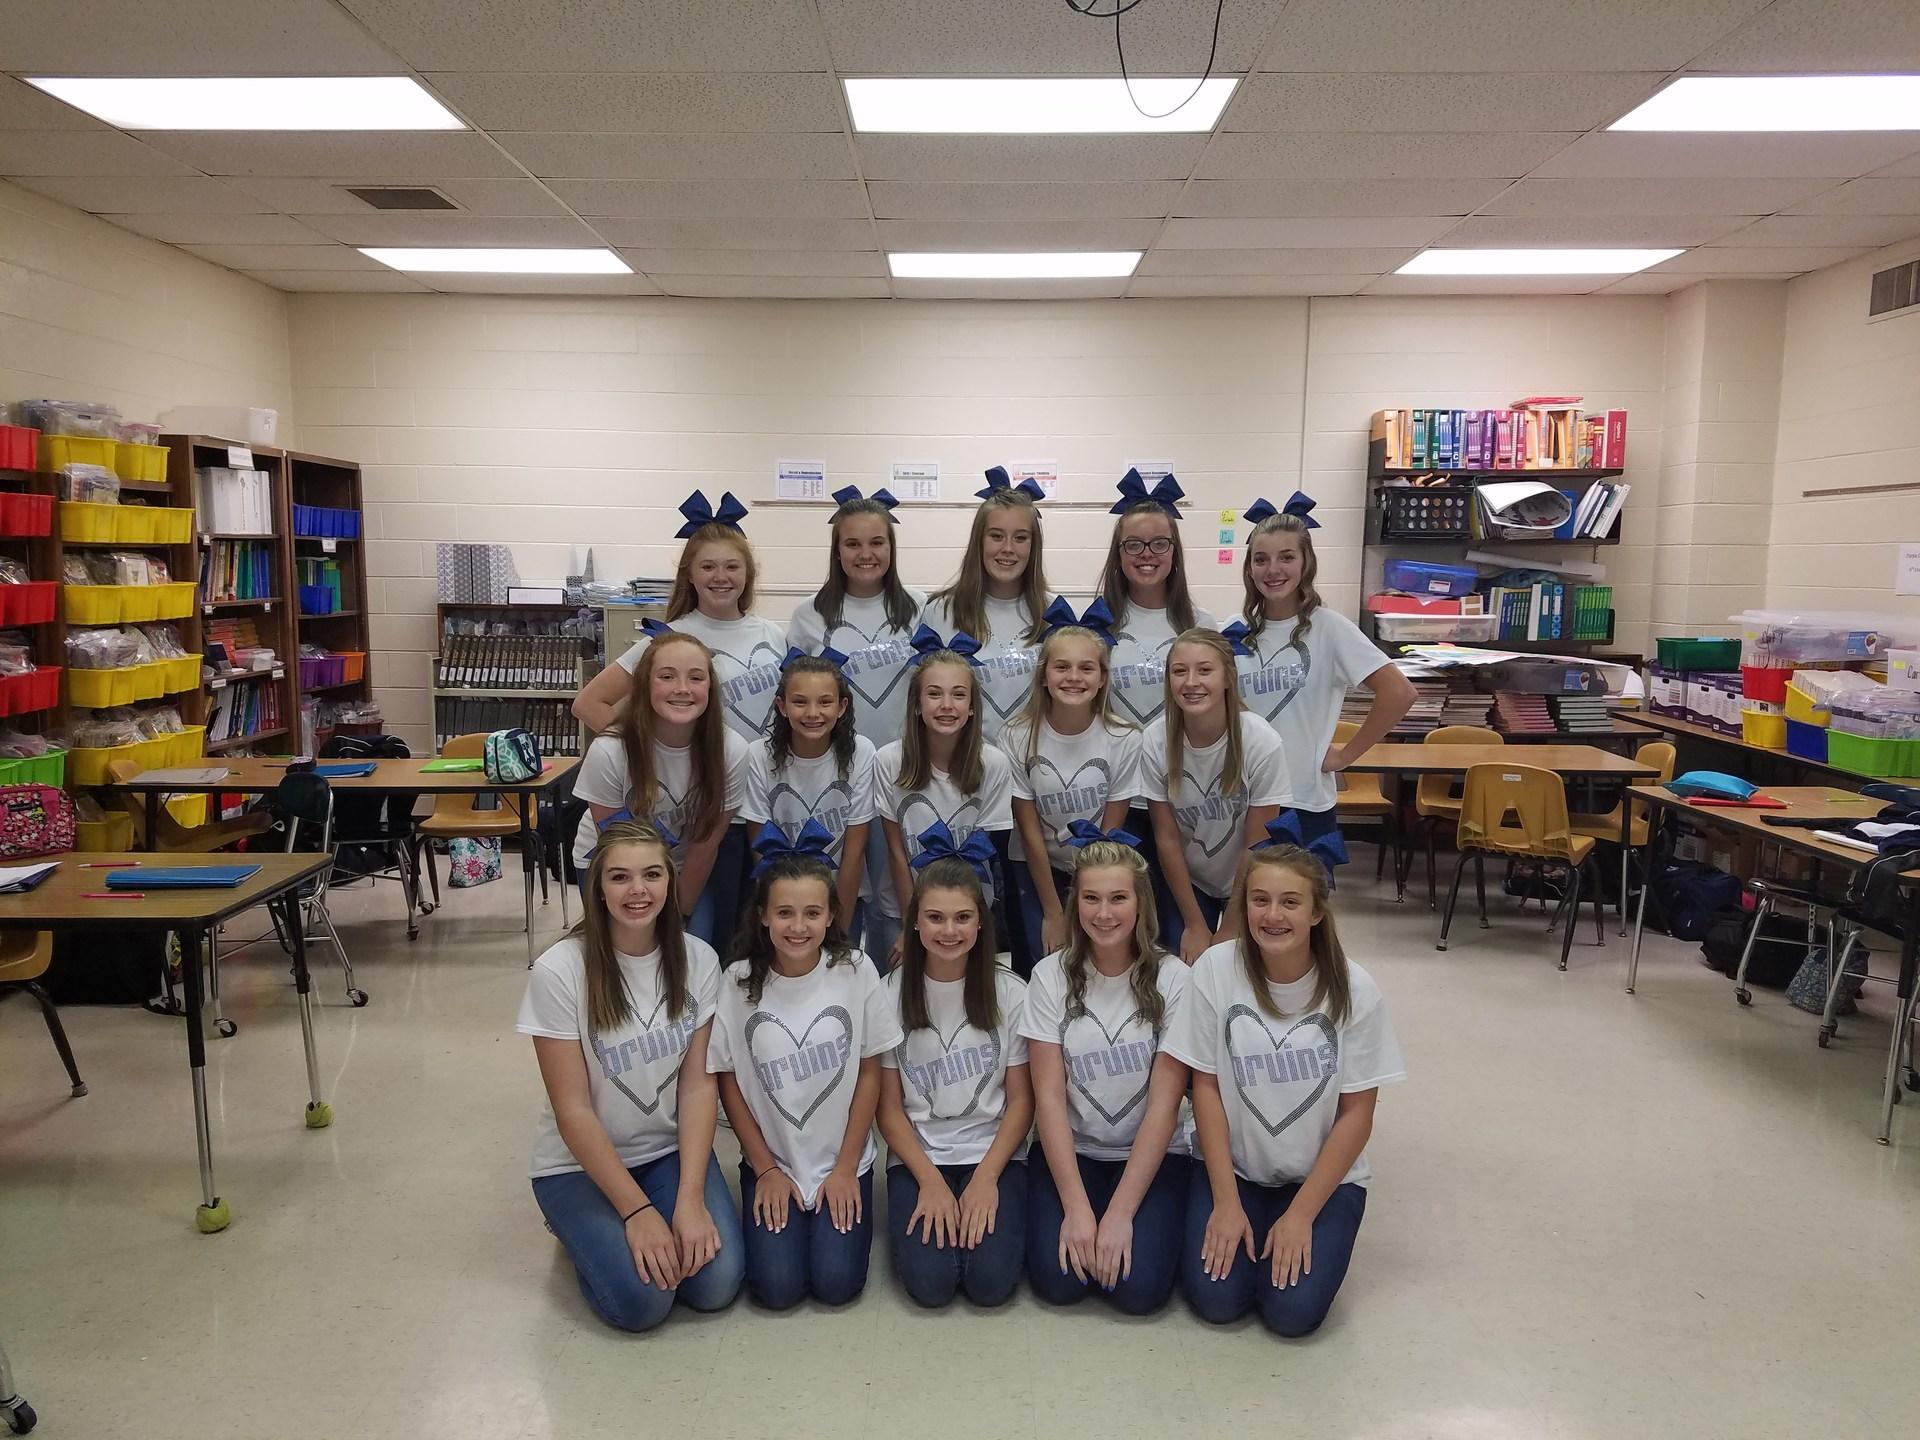 2017-2018 Cheerleading Team